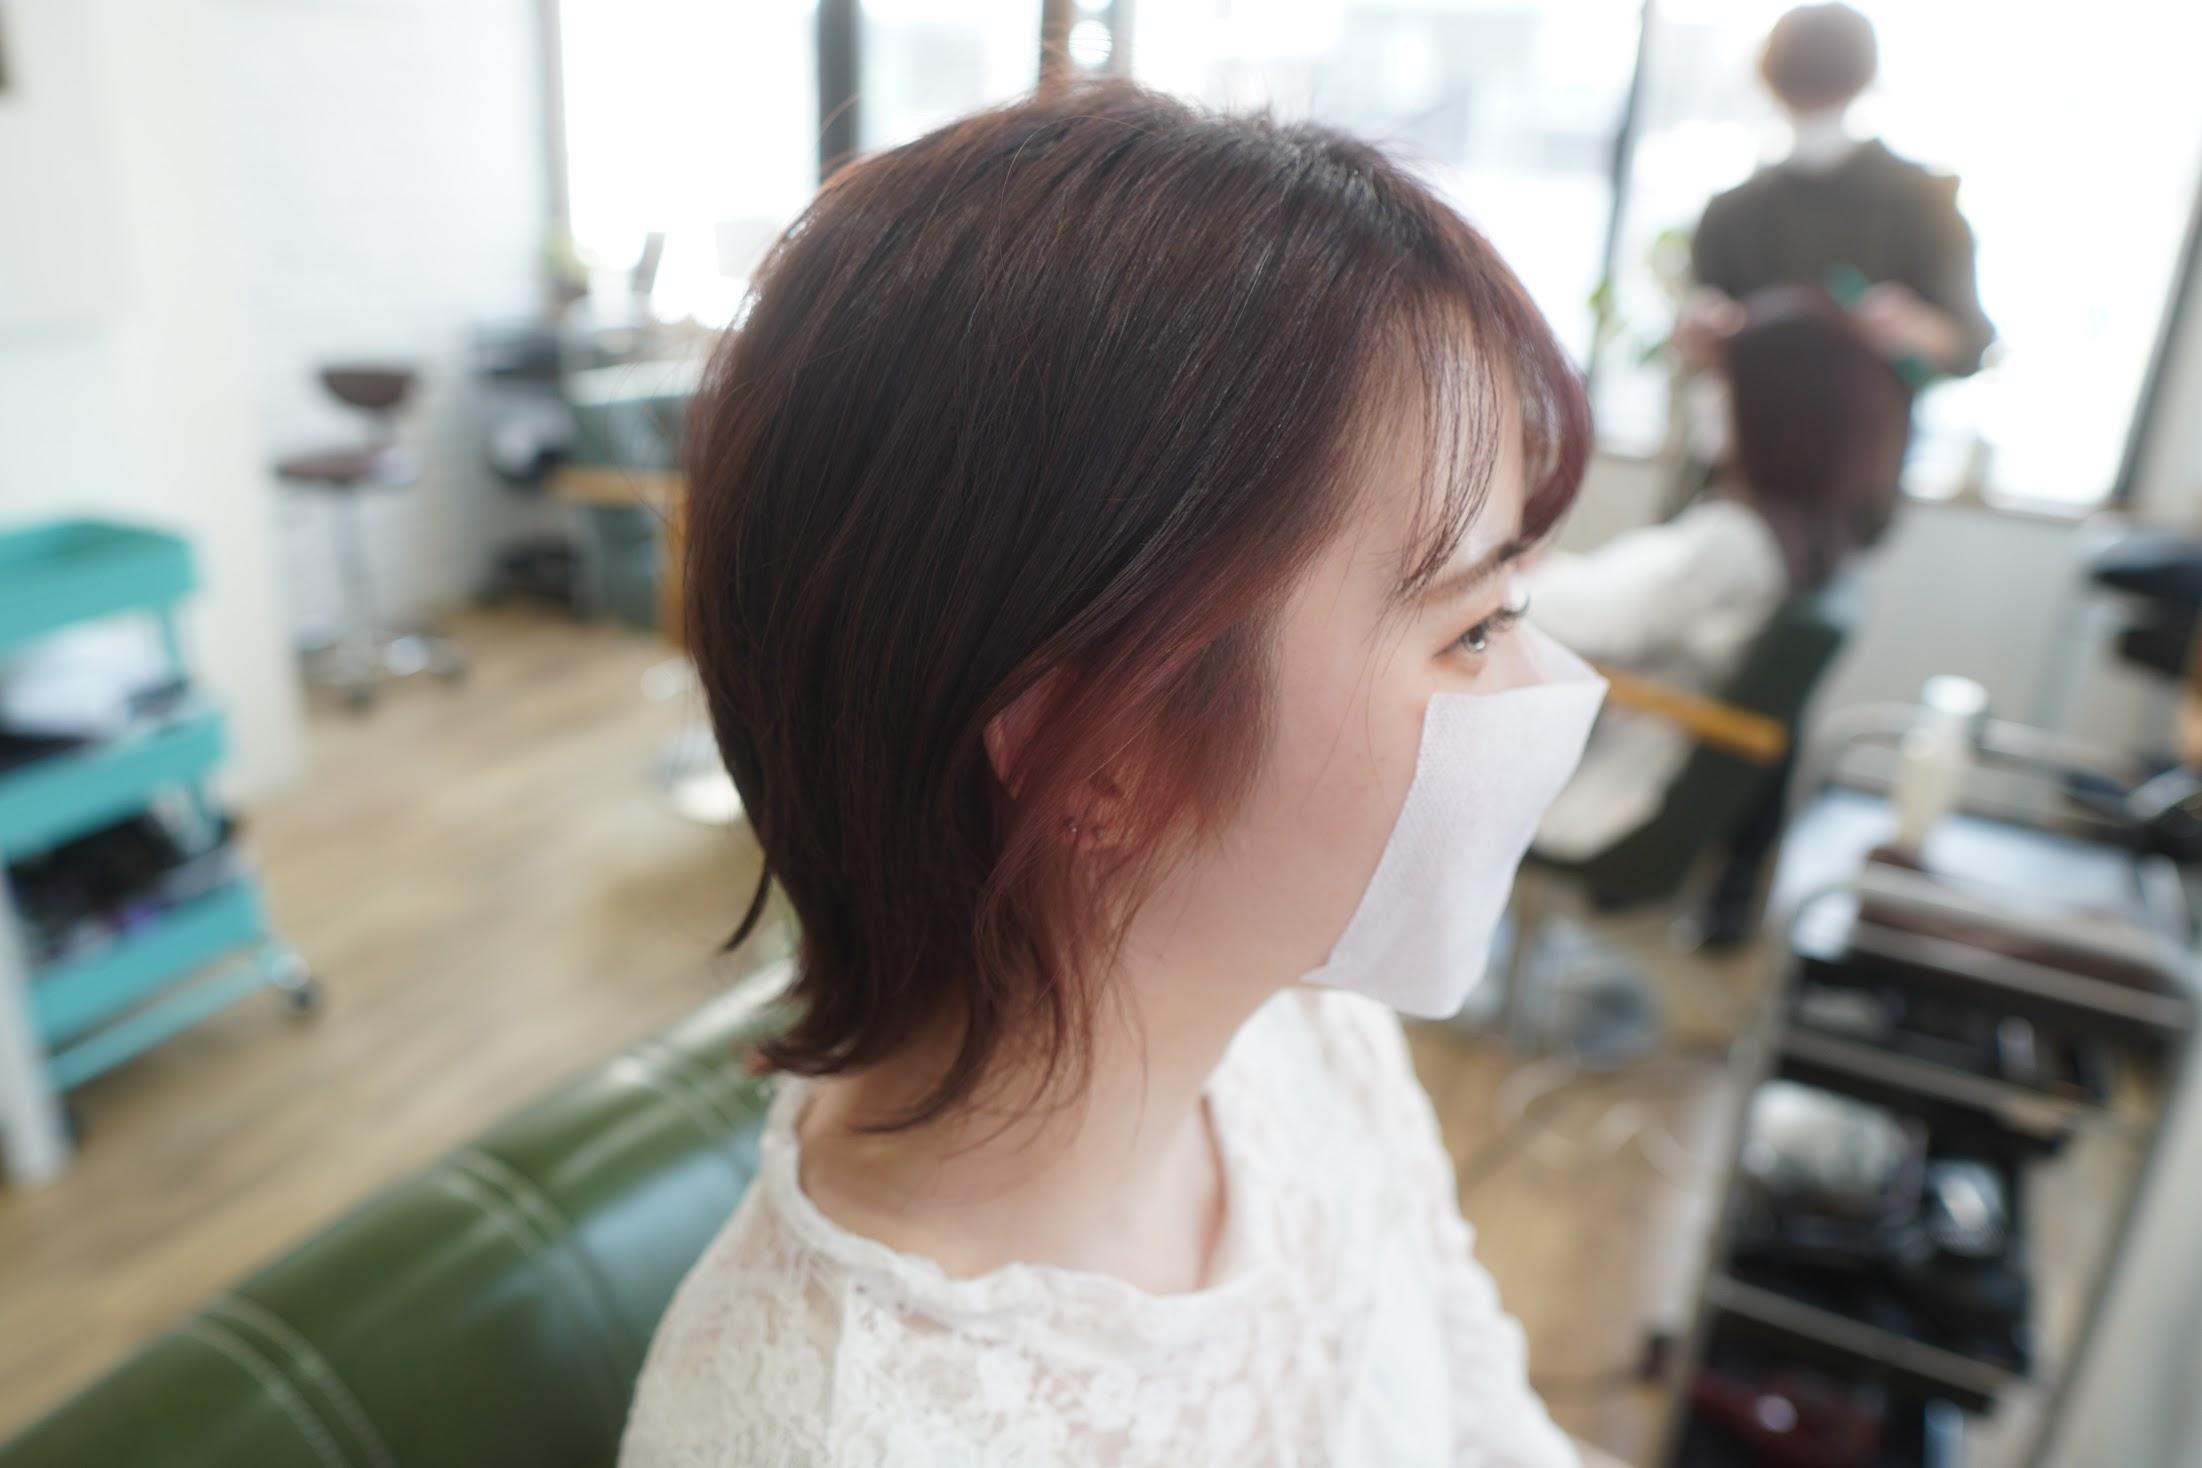 学割 神戸美容室 三宮美容室 ブリーチ1回 イヤリングカラー アクセサリーカラー ブリーチ1回ピンク ピンクカラー インナーカラー アクセサリーカラー